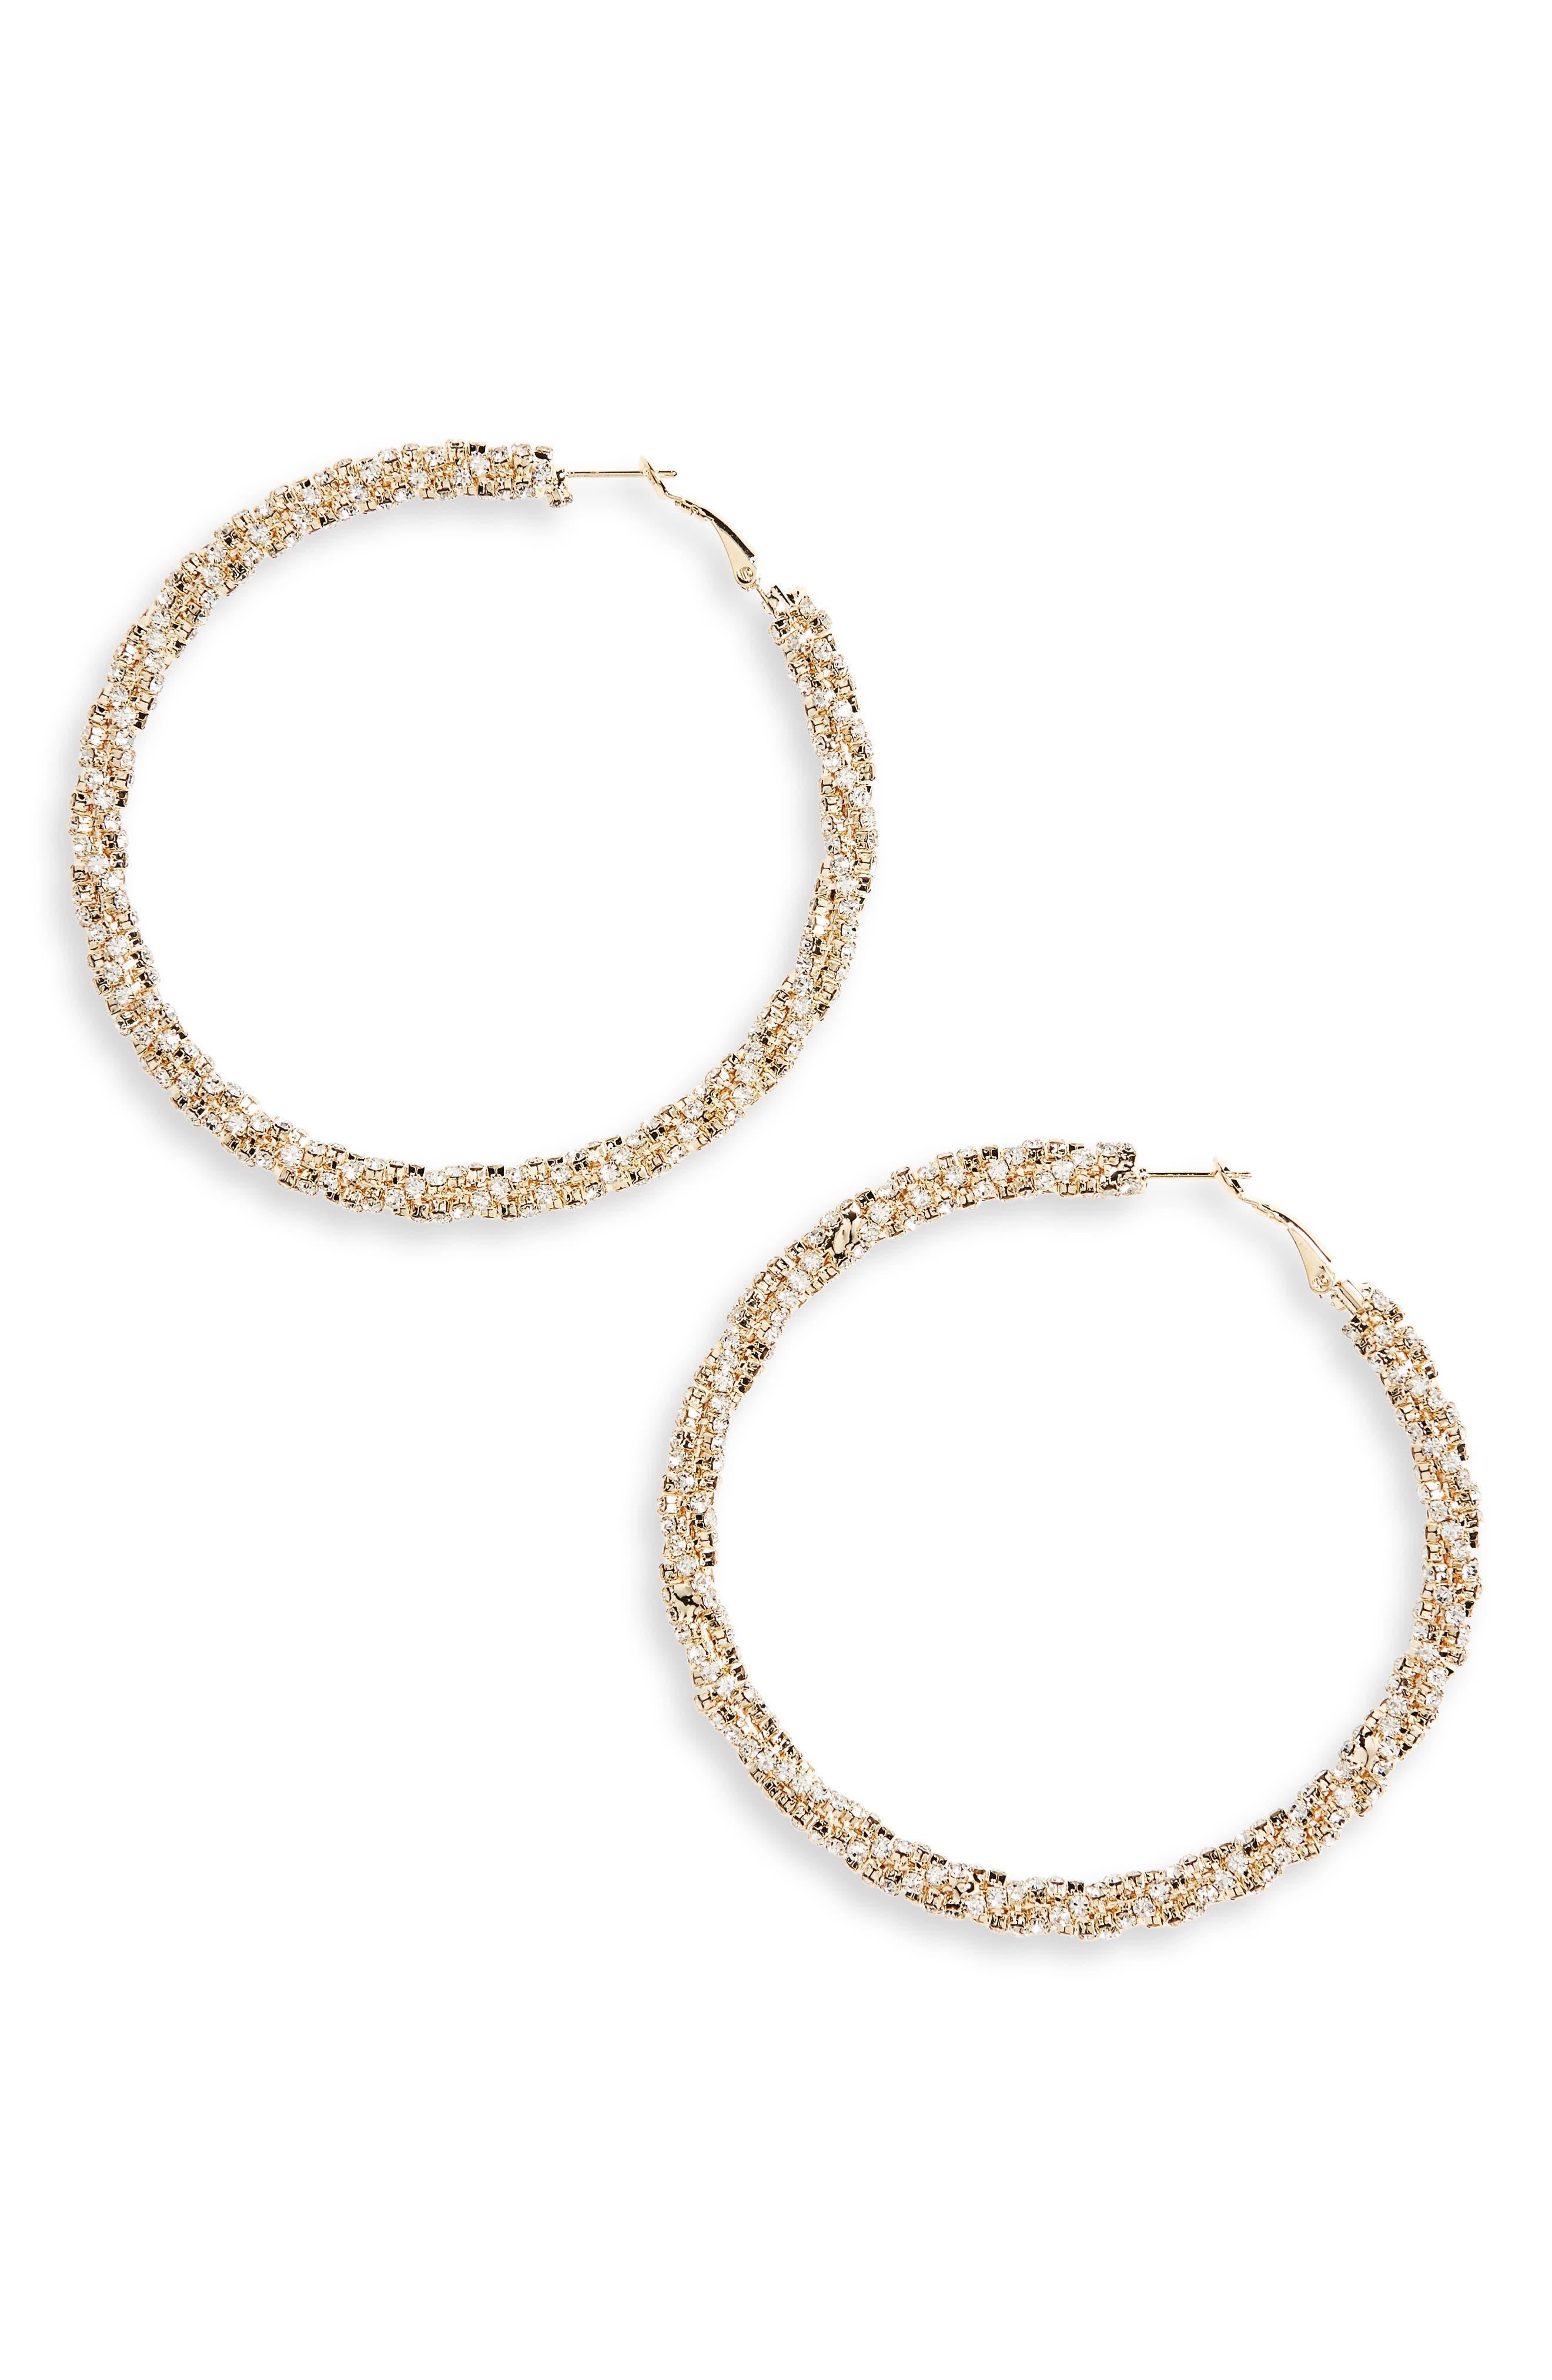 Stone Twist Hoop Earrings,                         Main,                         color, Gold/ Crystal